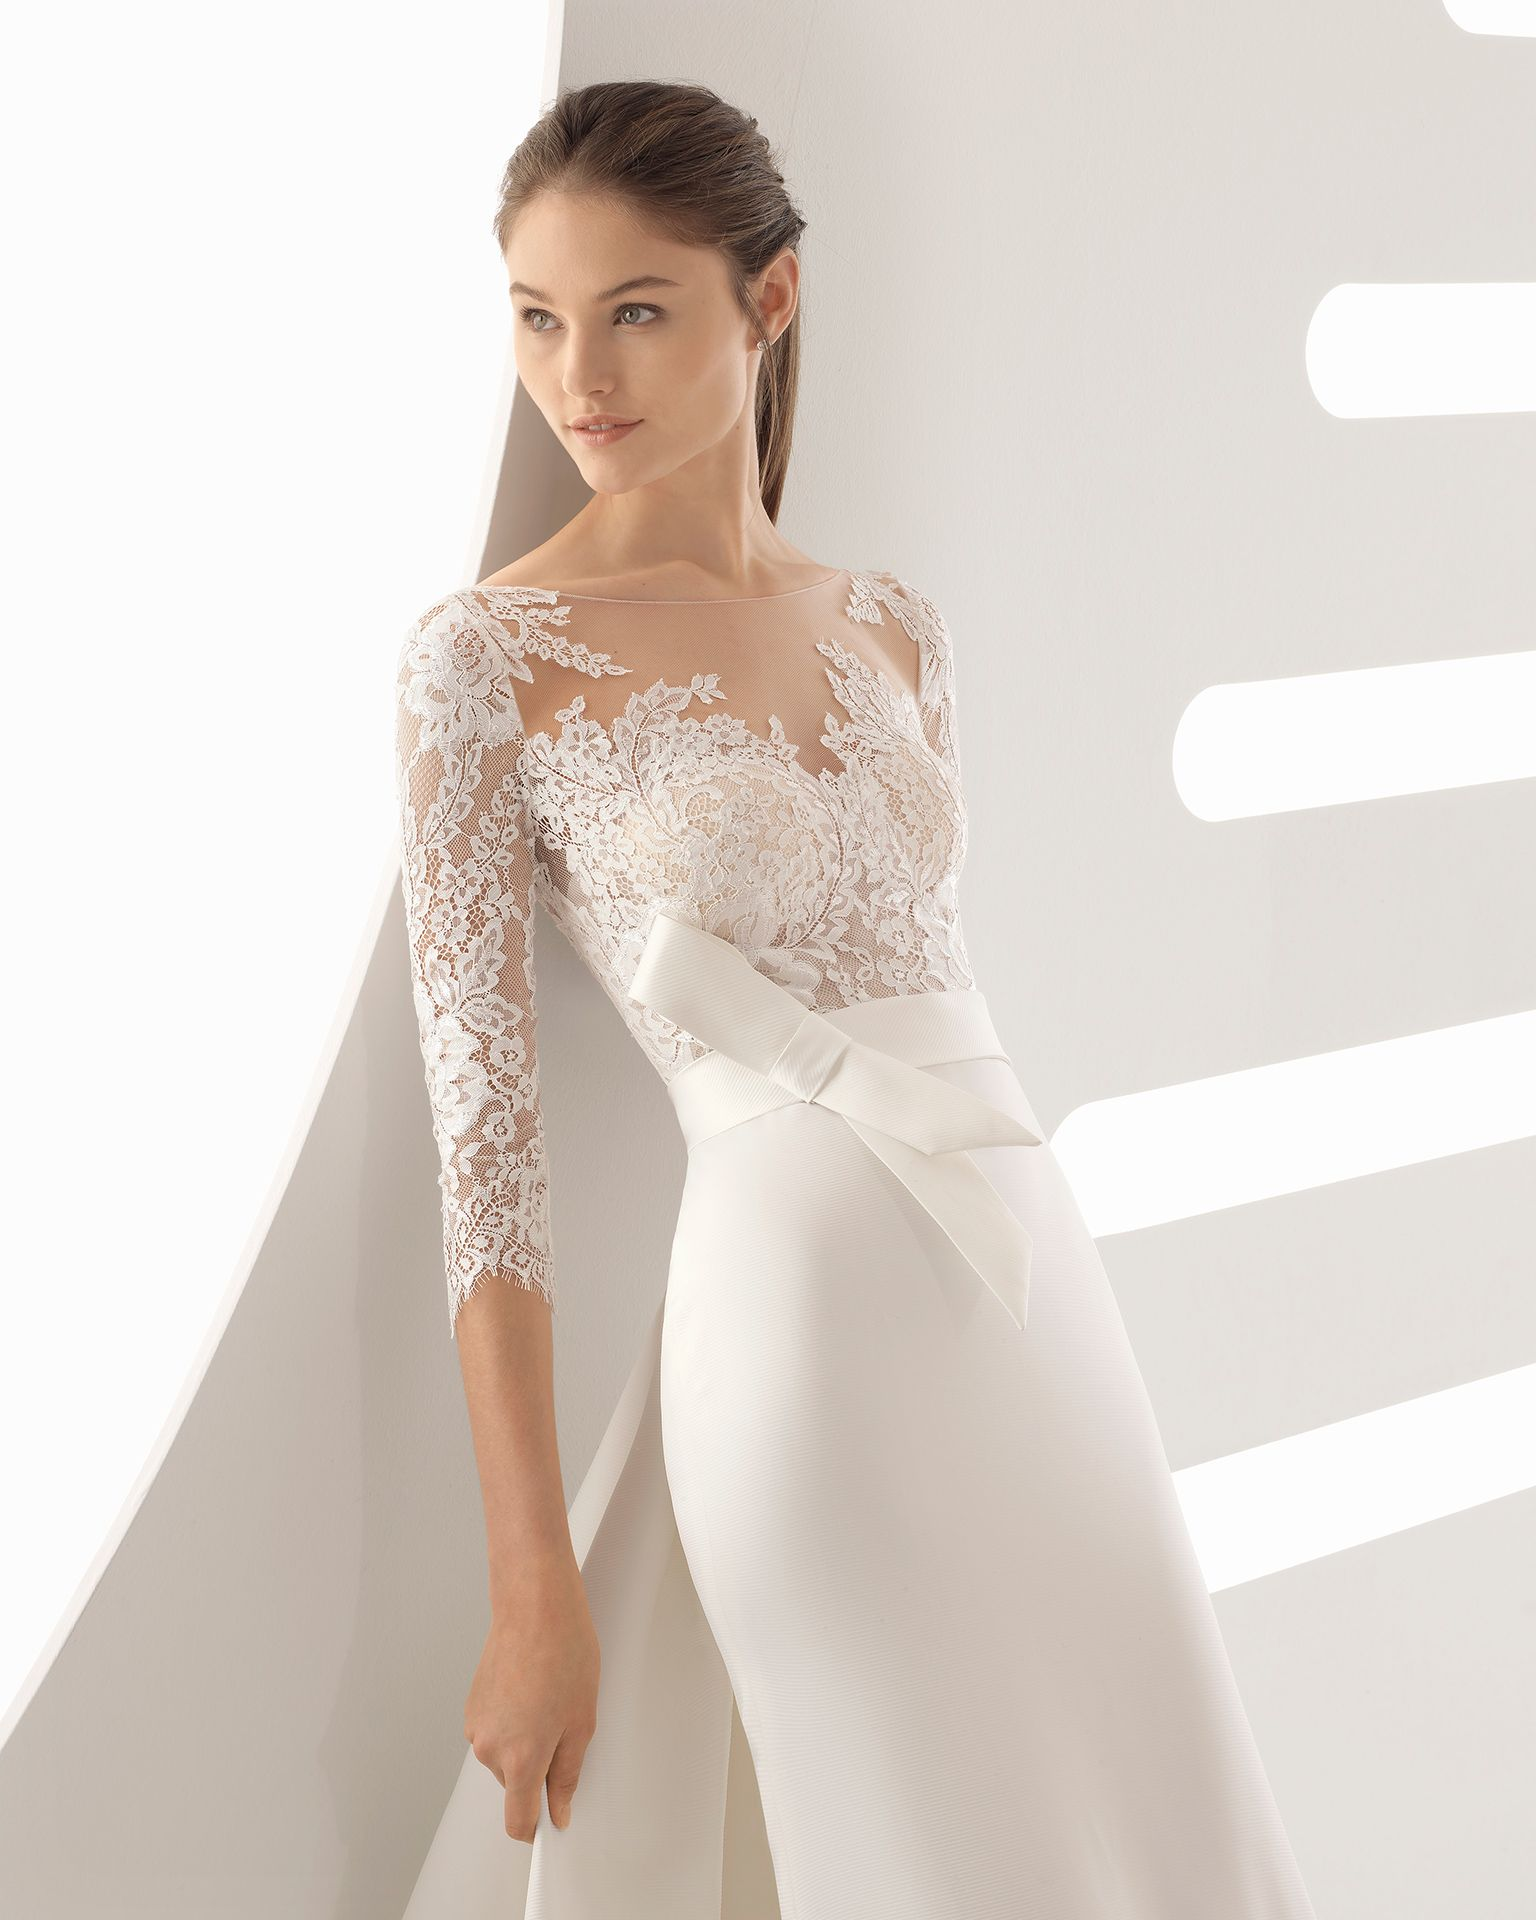 651de7e25924 Abito da sposa taglio sirena in ottomano e pizzo con schiena scollata e  trasparenze. Collezione 2018 Rosa Clará.